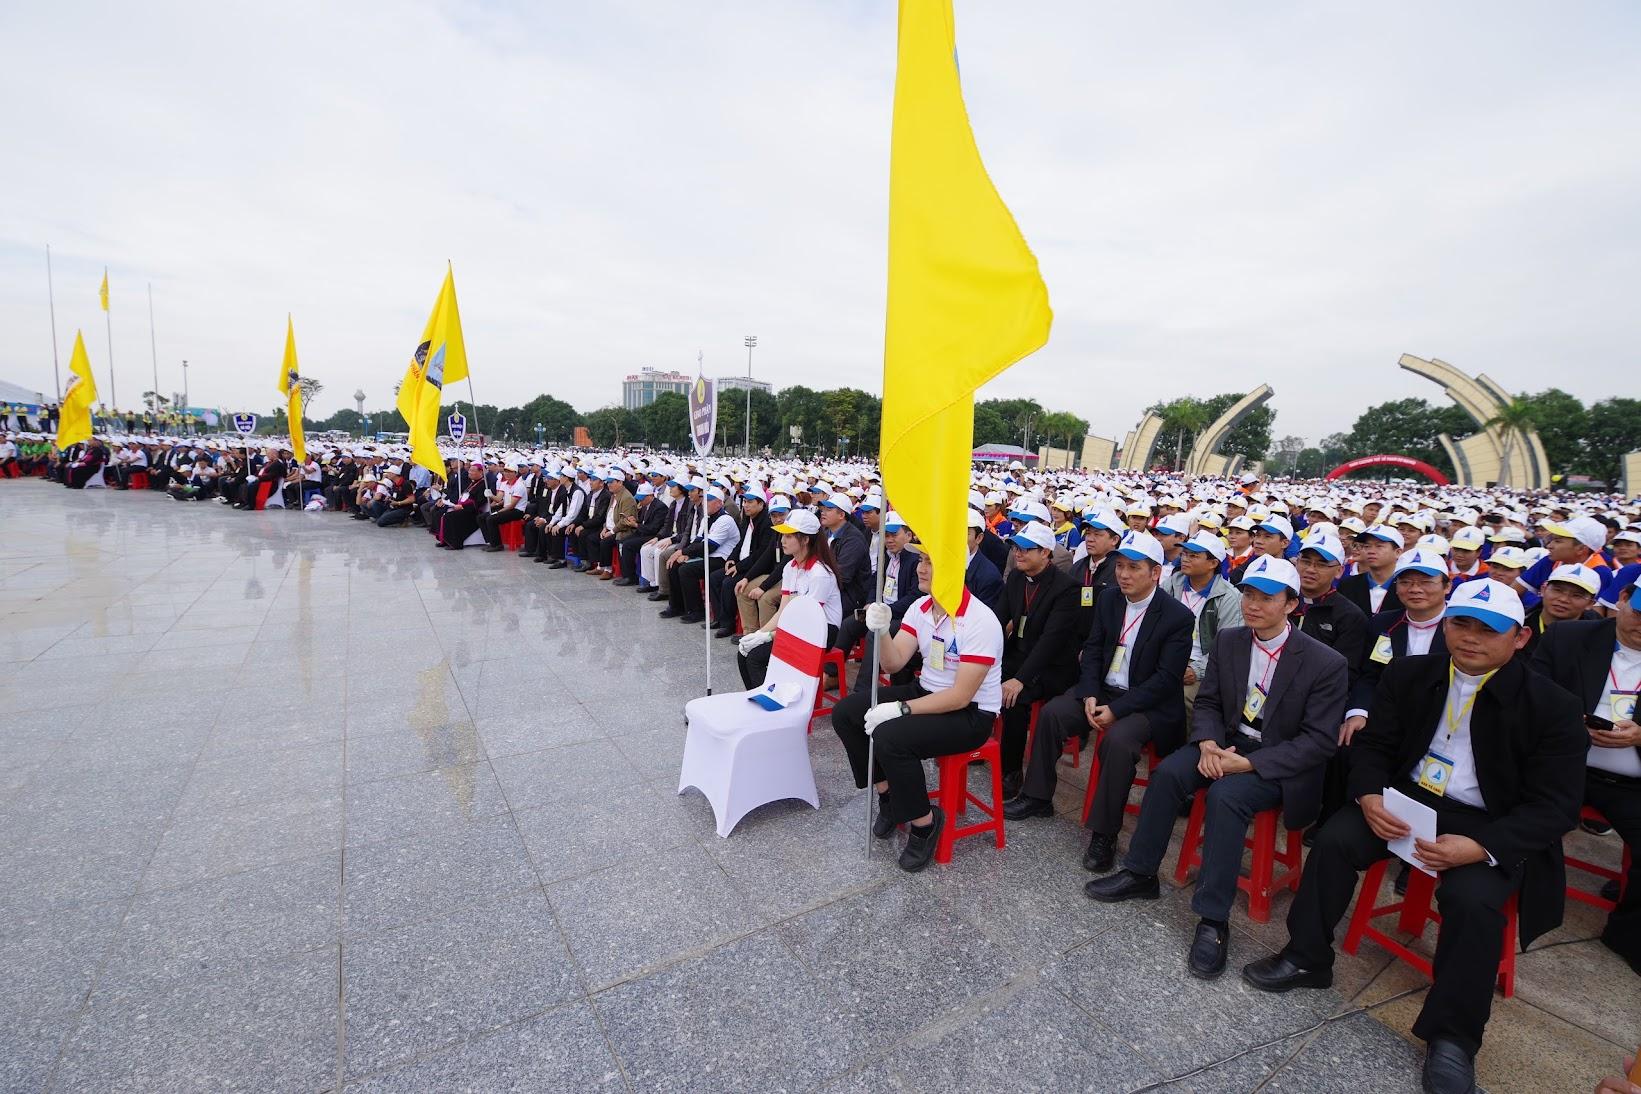 Những hình ảnh đẹp về lễ khai mạc Đại Hội Giới Trẻ giáo tỉnh Hà Nội lần thứ XV tại Thanh Hóa - Ảnh minh hoạ 45